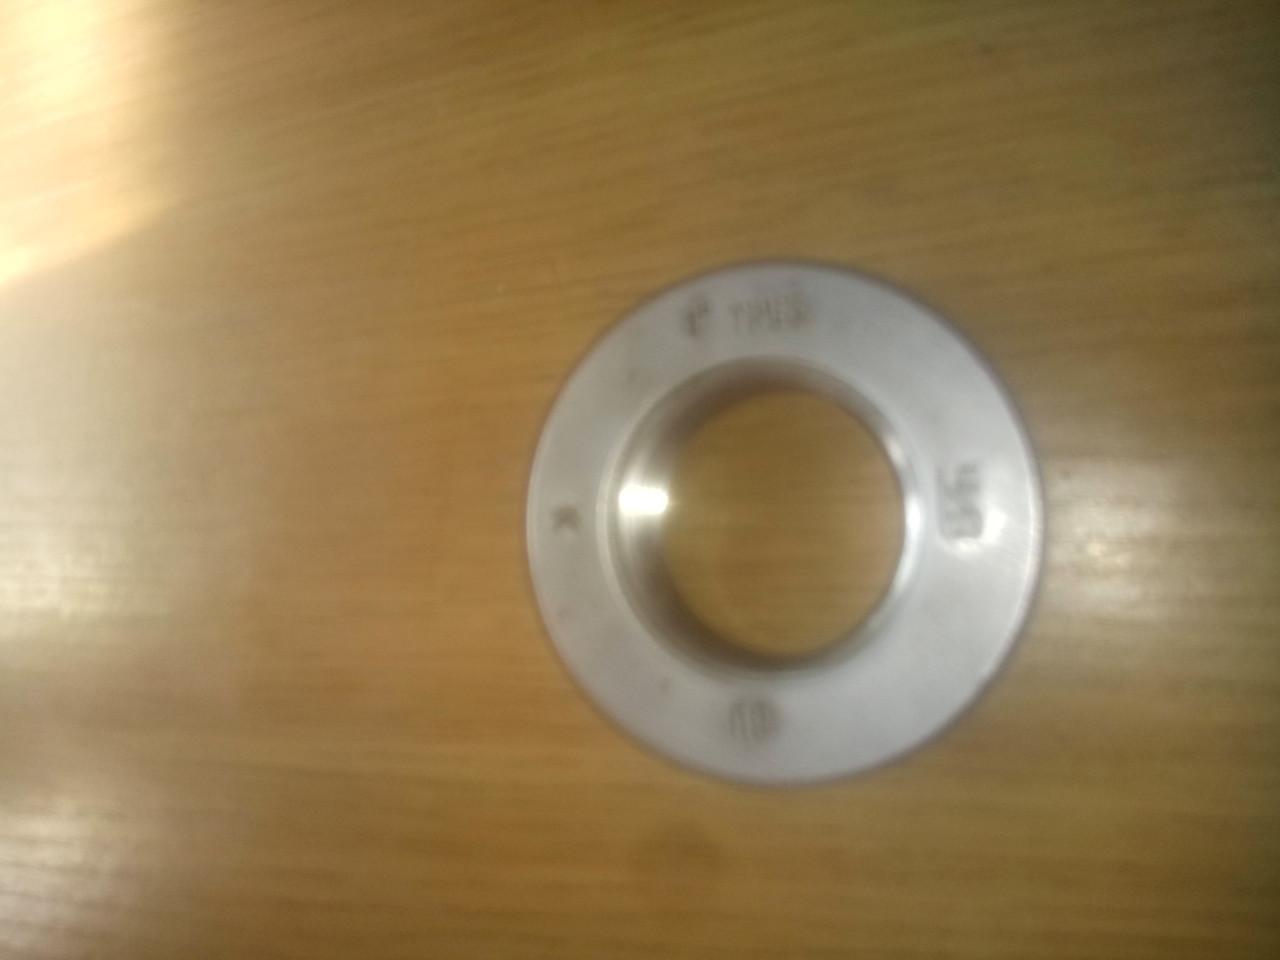 Калибр-кольцо 1, для трубной  резьбы,проход